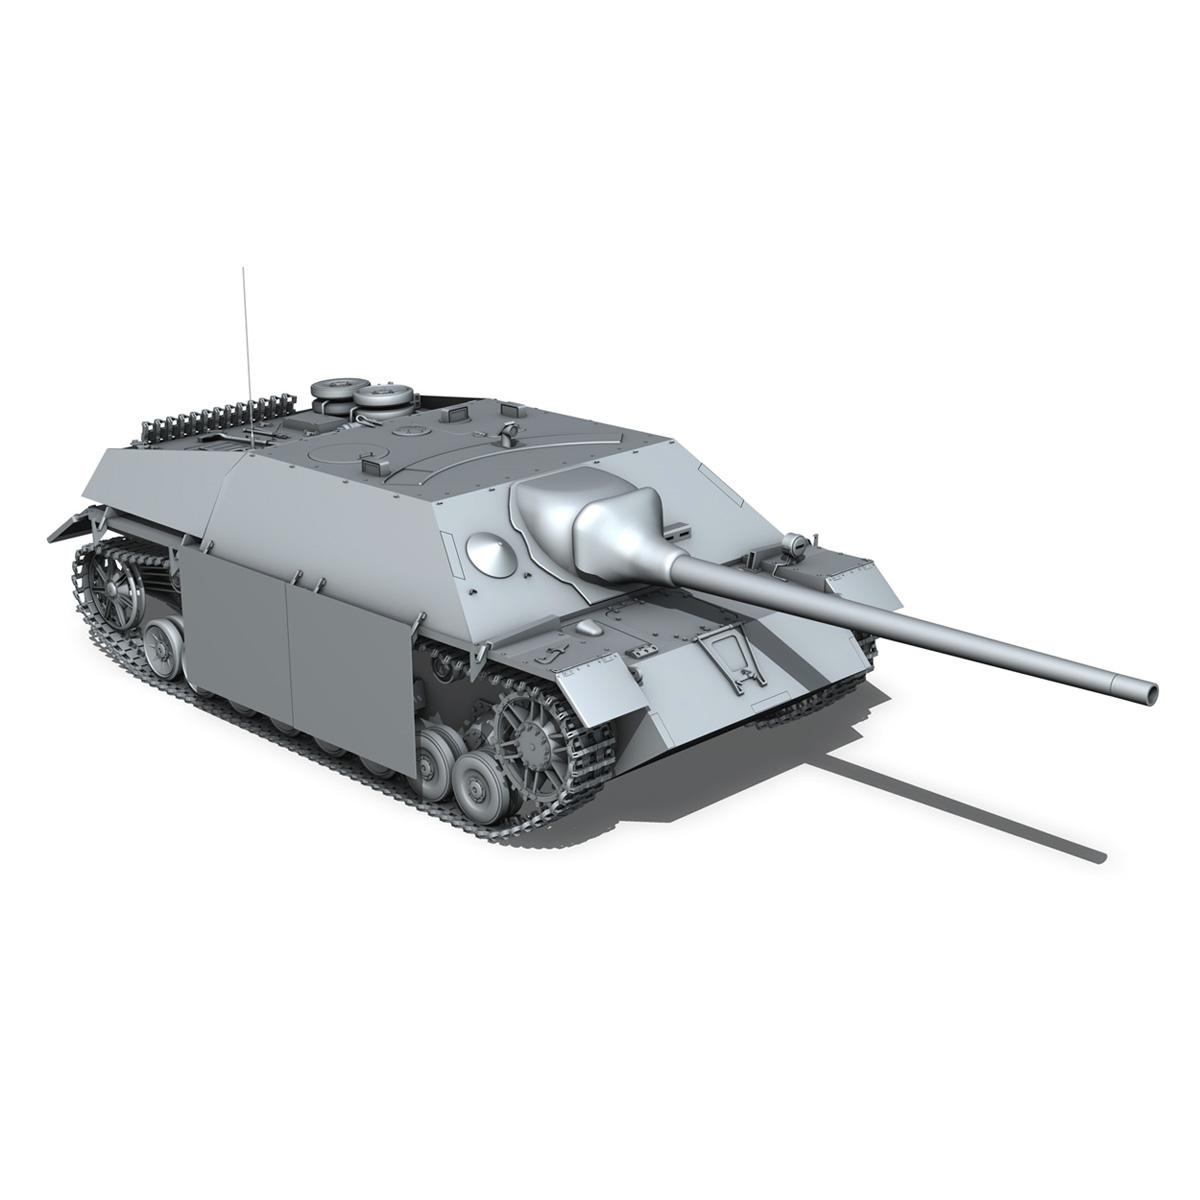 jagdpanzer iv l/70 (v) – 322 – late production 3d model 3ds fbx c4d lwo obj 280420